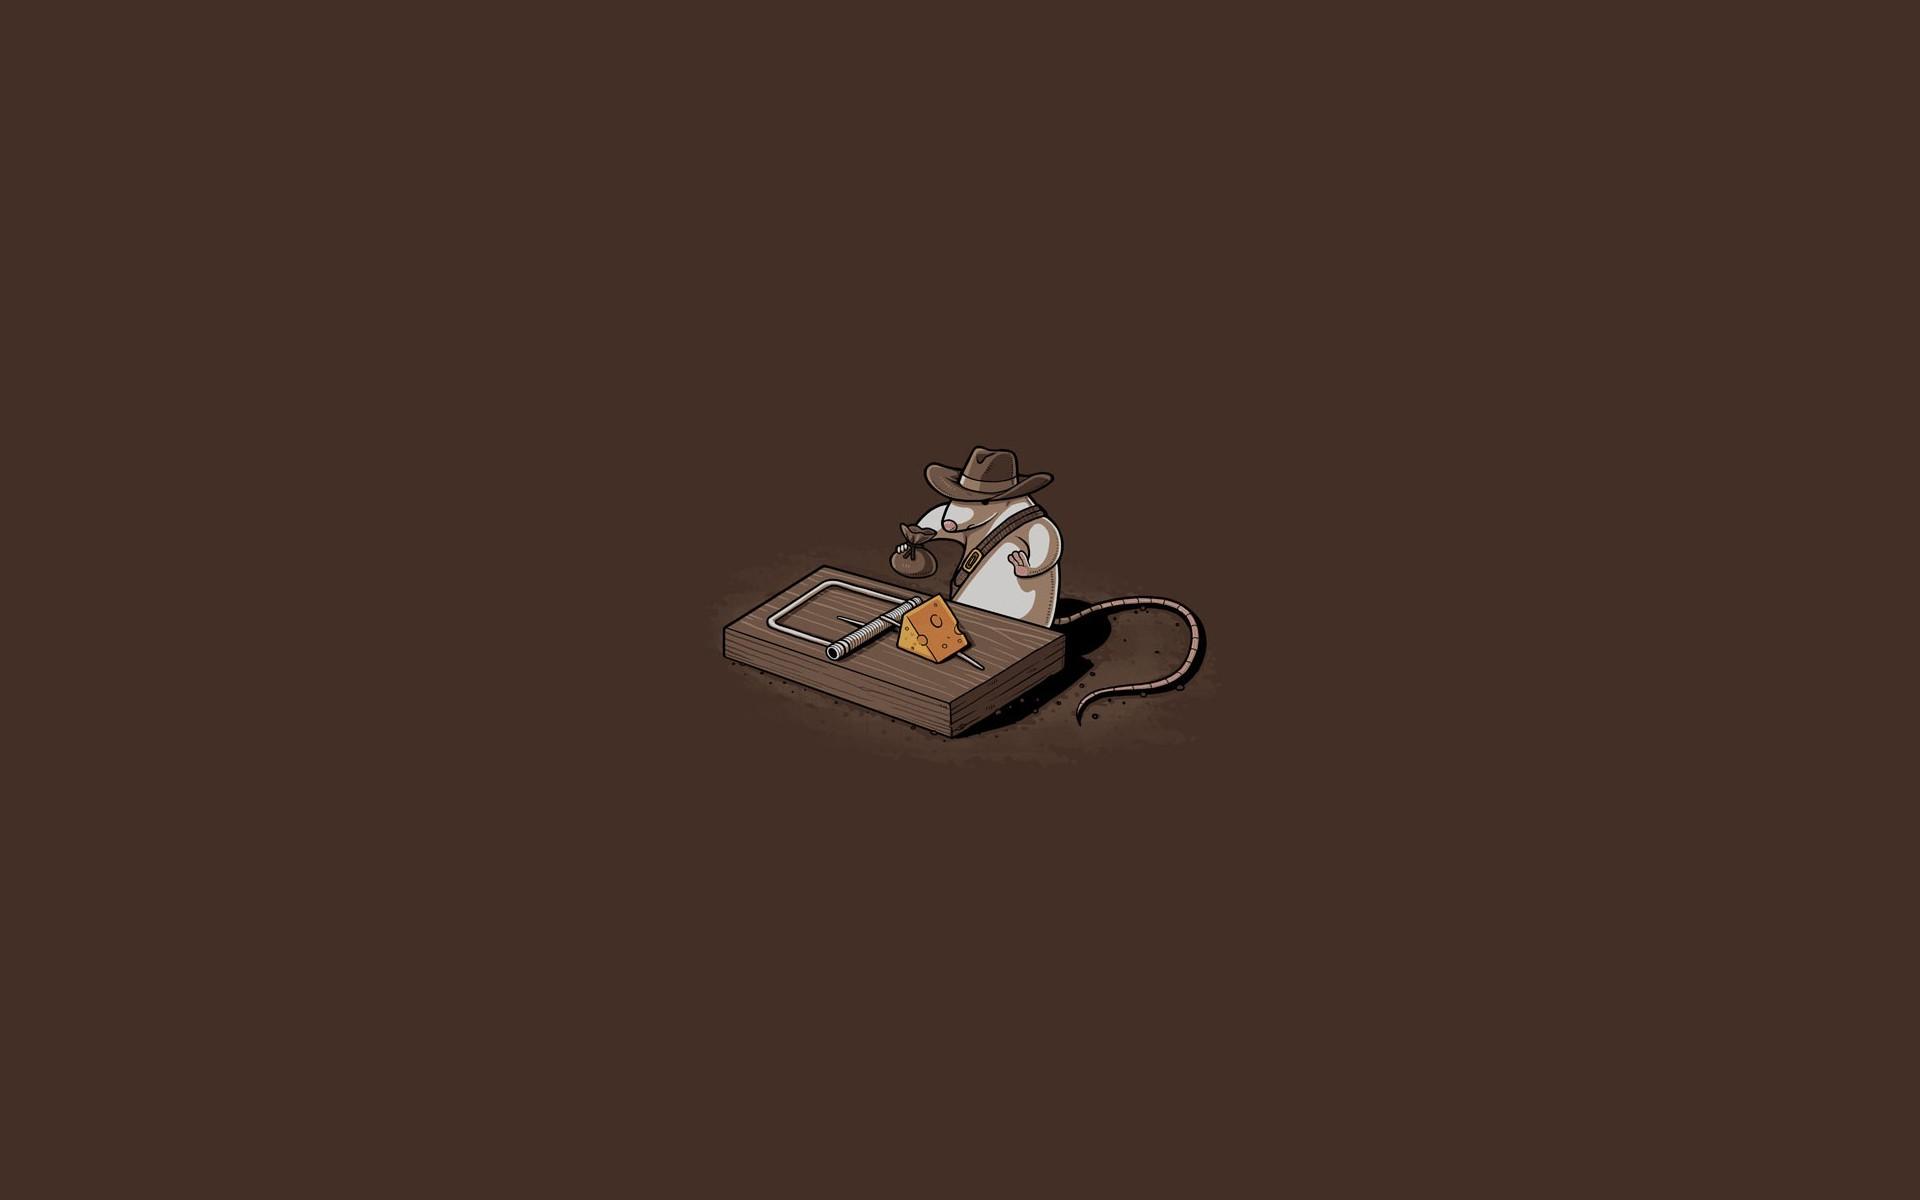 1920x1200 Px Indiana Jones